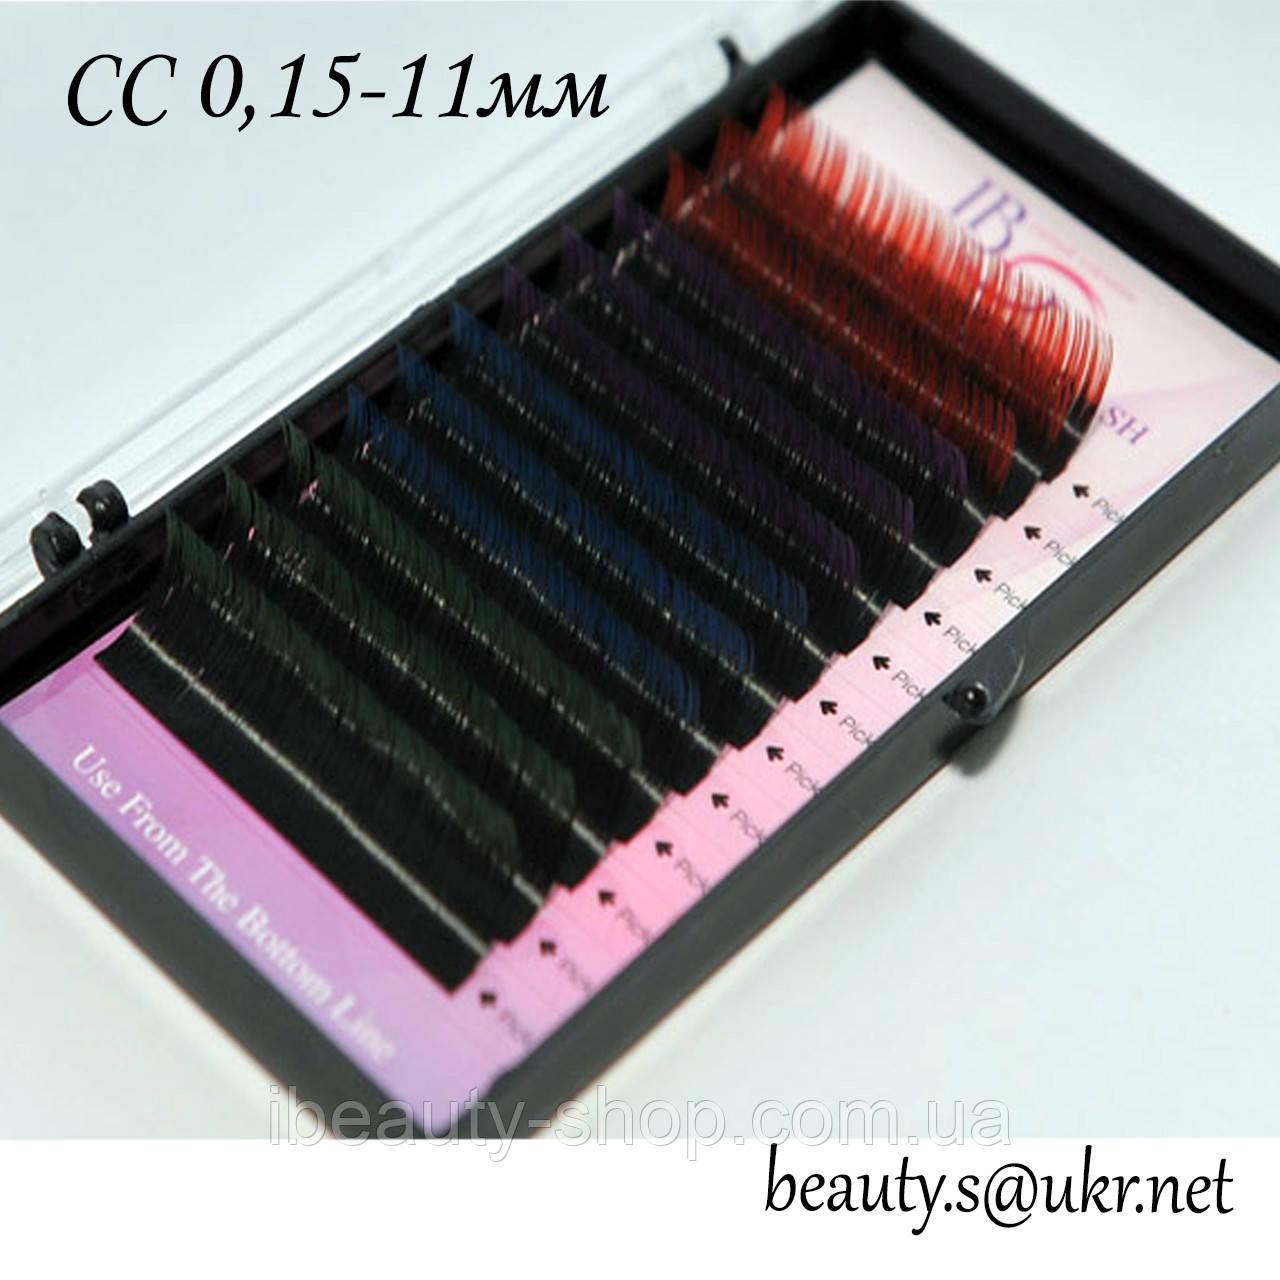 Ресницы I-Beauty, CC 0,15-11мм,цветные концы,4 цвета